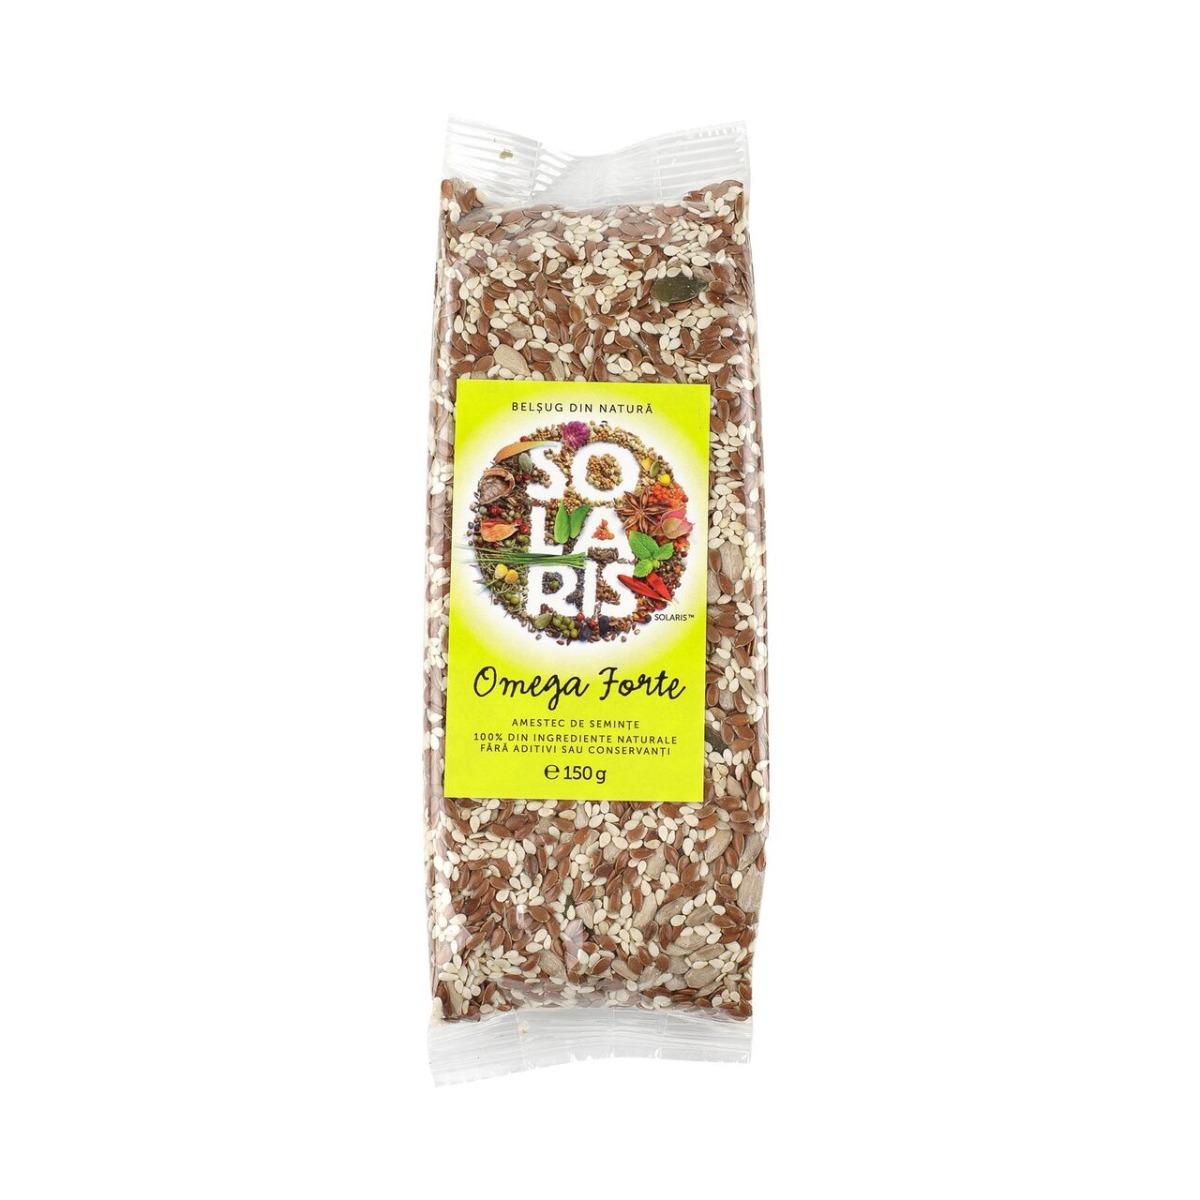 Amestec de seminte Omega Forte, 150g, Solaris drmax.ro